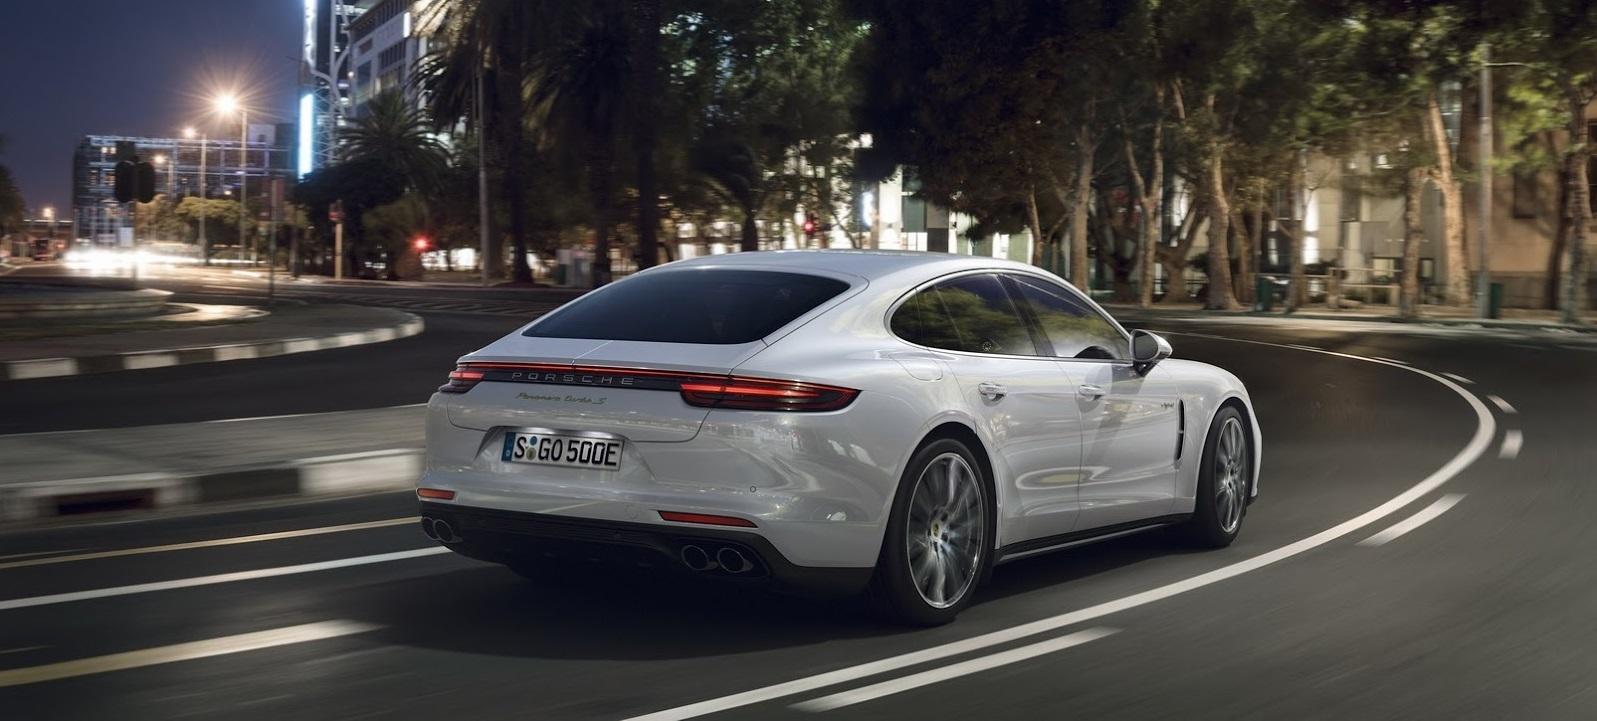 El Porsche más potente de la gama no es un biplaza: ¡saluda al nuevo Panamera Turbo S E-Hybrid y sus 680 CV!